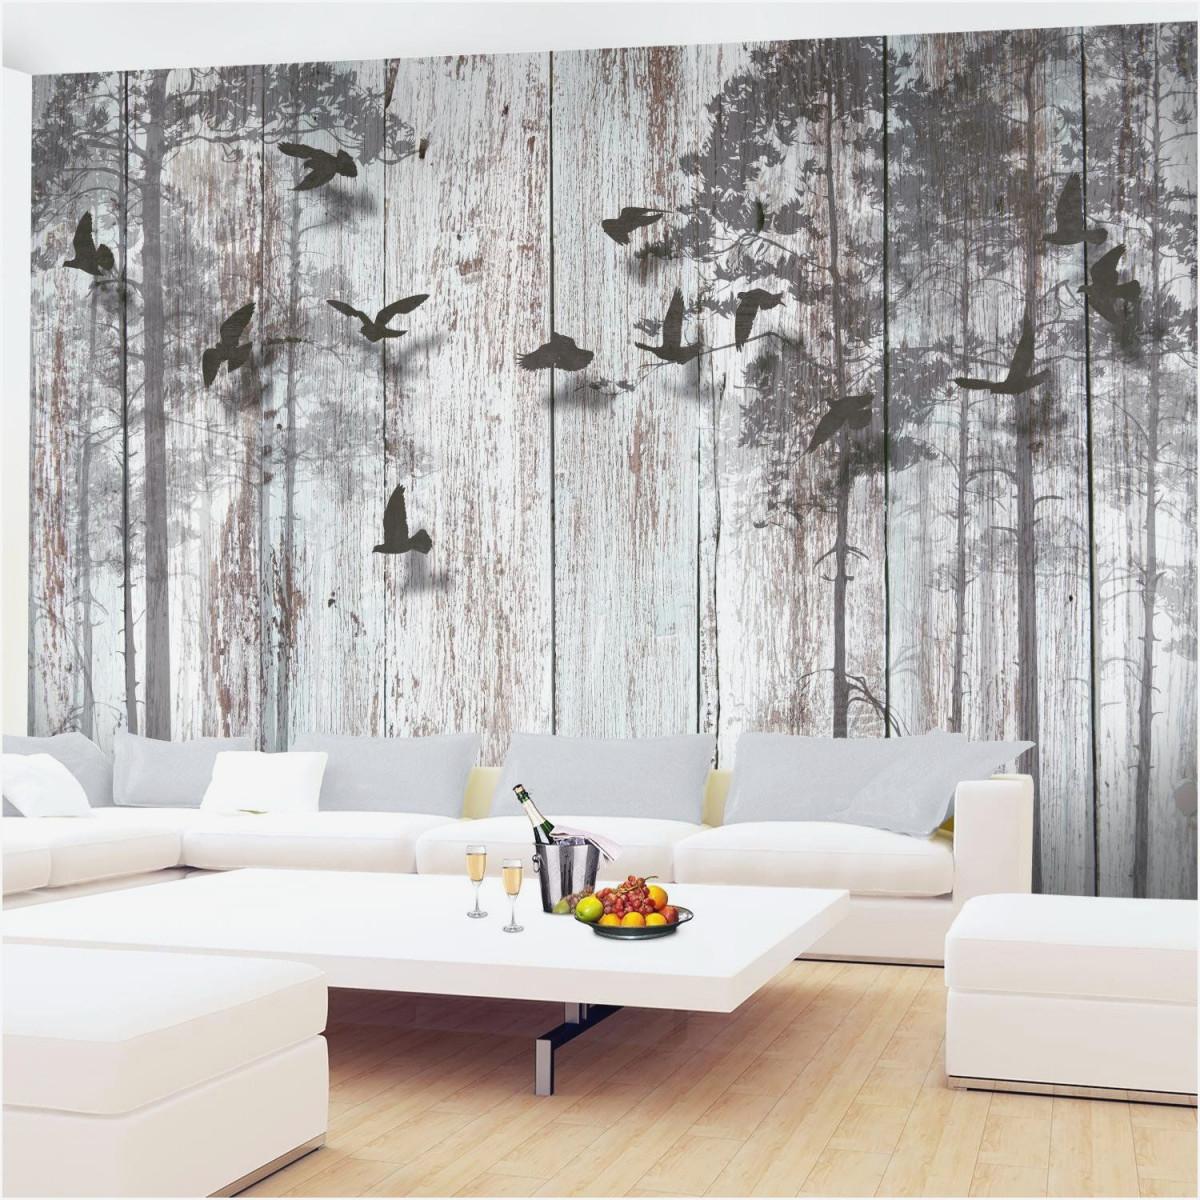 Moderne Abstrakte Bilder Für Das Wohnzimmer Querformat von Bilder Querformat Wohnzimmer Photo